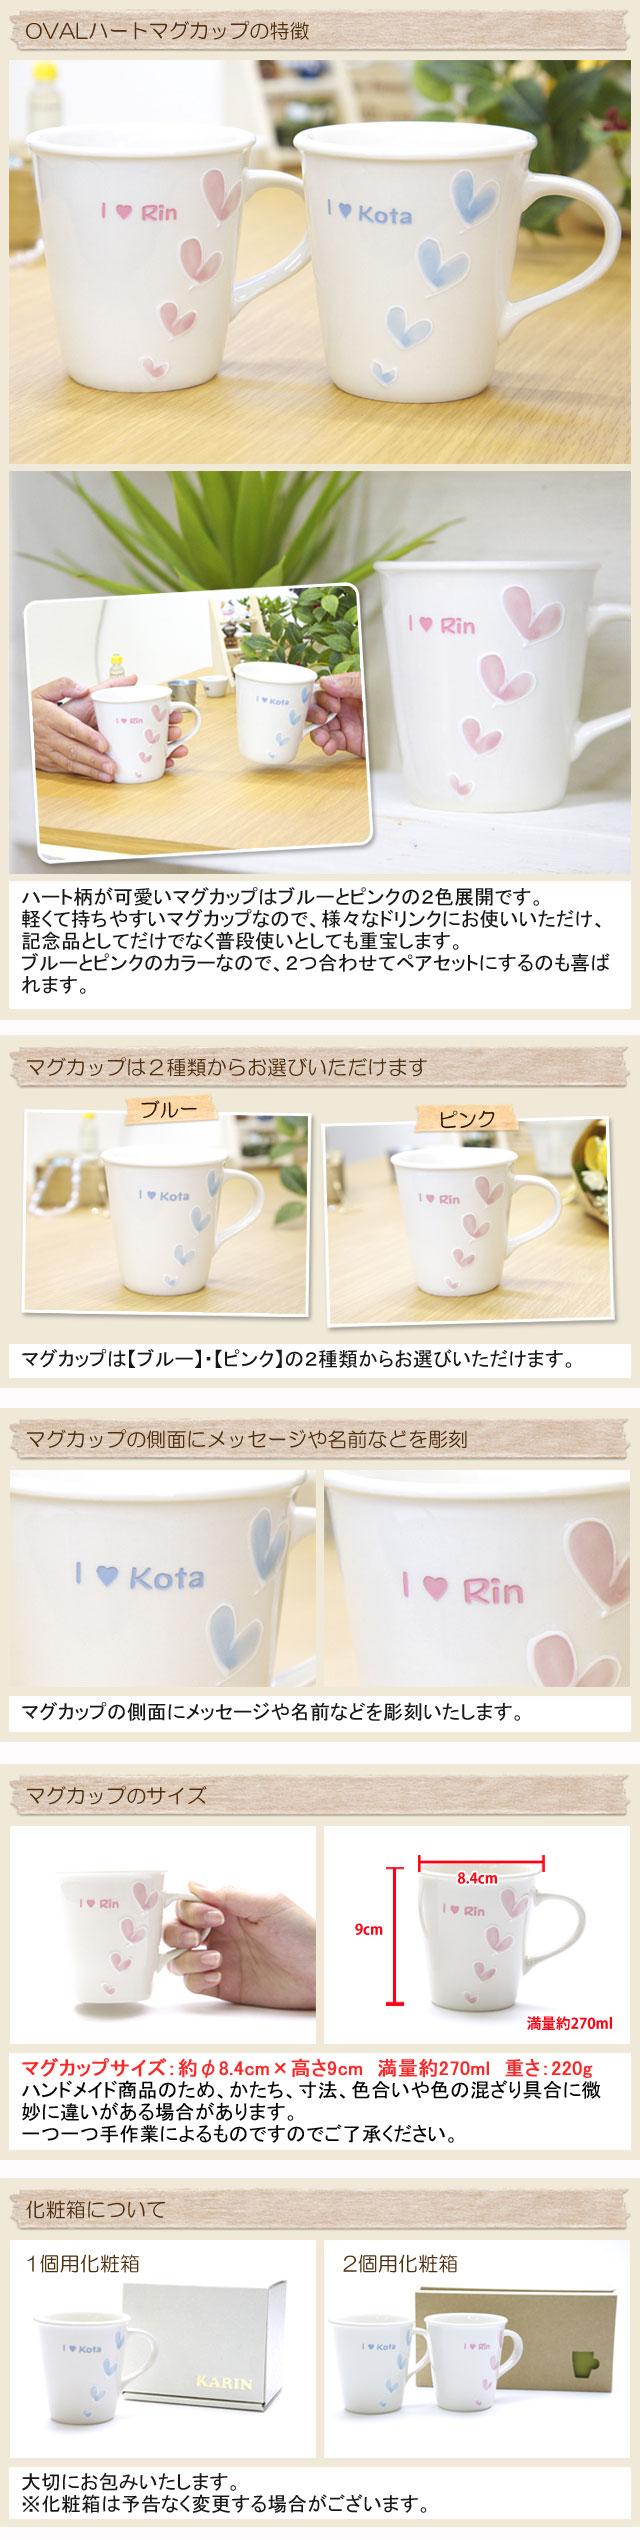 ご友人への結婚祝いやご両親へのプレゼントなどに名入れマグカップ